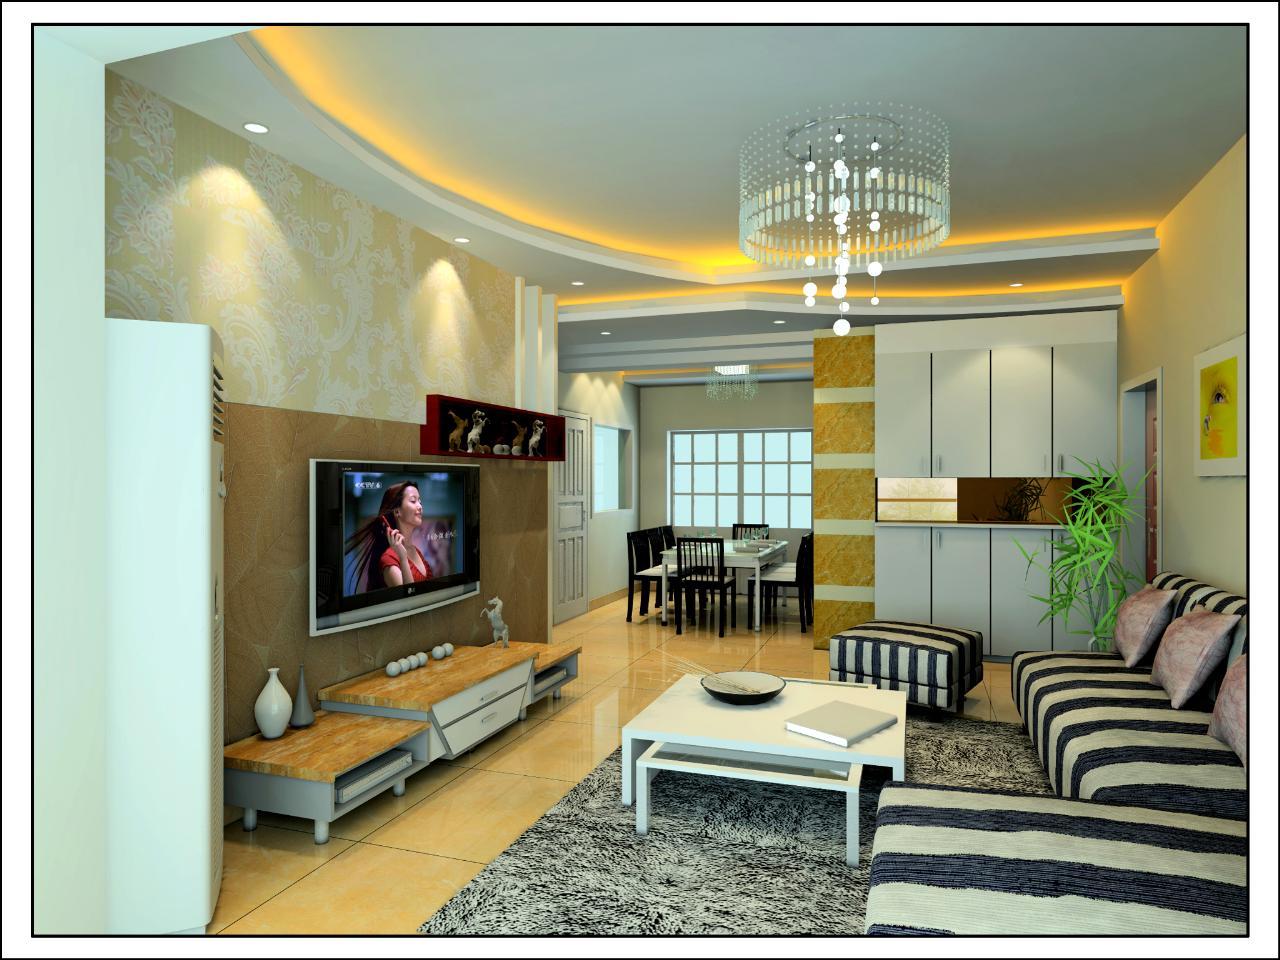 2012重庆蒙太奇部分装修效果图_家居街_崇州在线